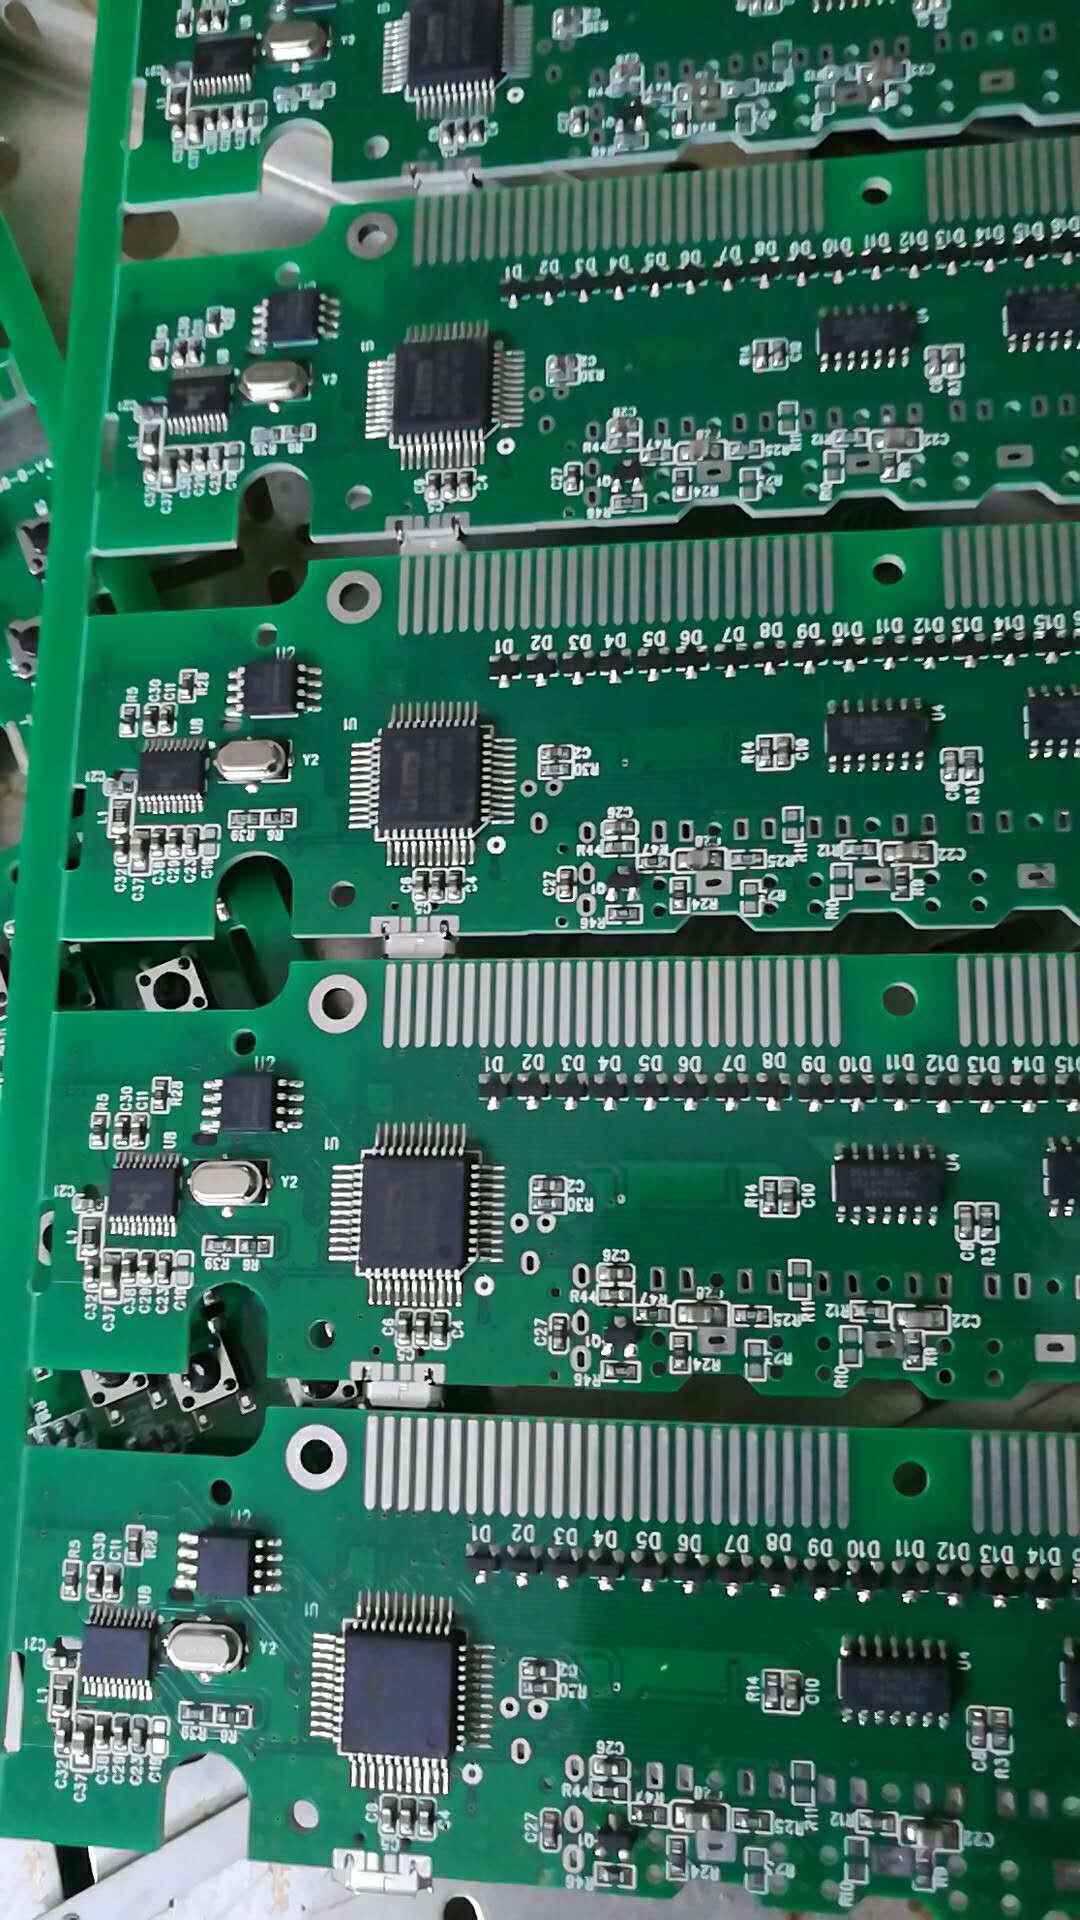 精密插件焊接加工電子廠_大安偉業_數據線_提供_附近_電子元件